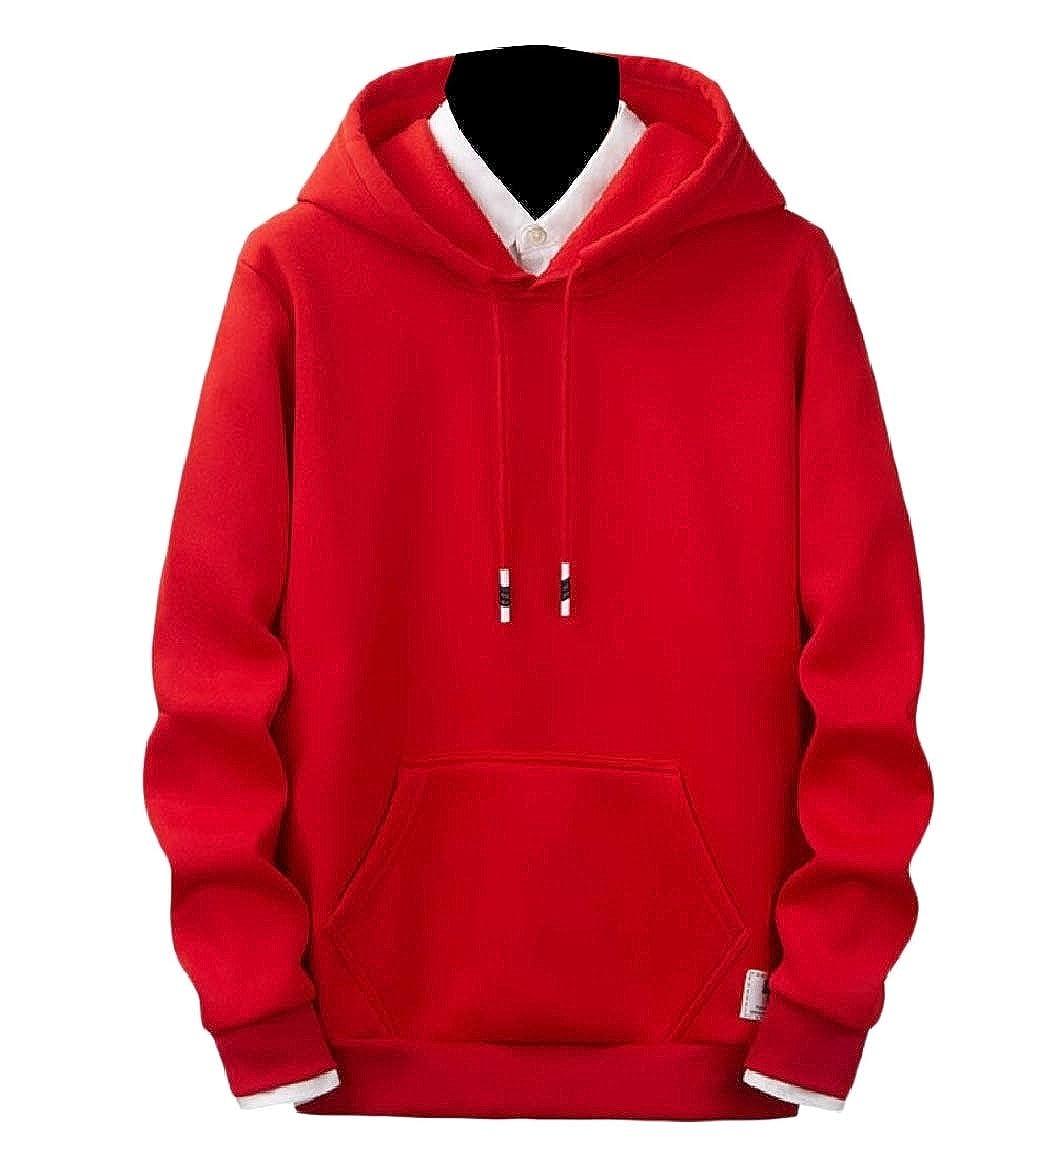 RDHOPE-Men Hoodie Drawstring Long-Sleeve Loose Fit Pullover Sweatshirt